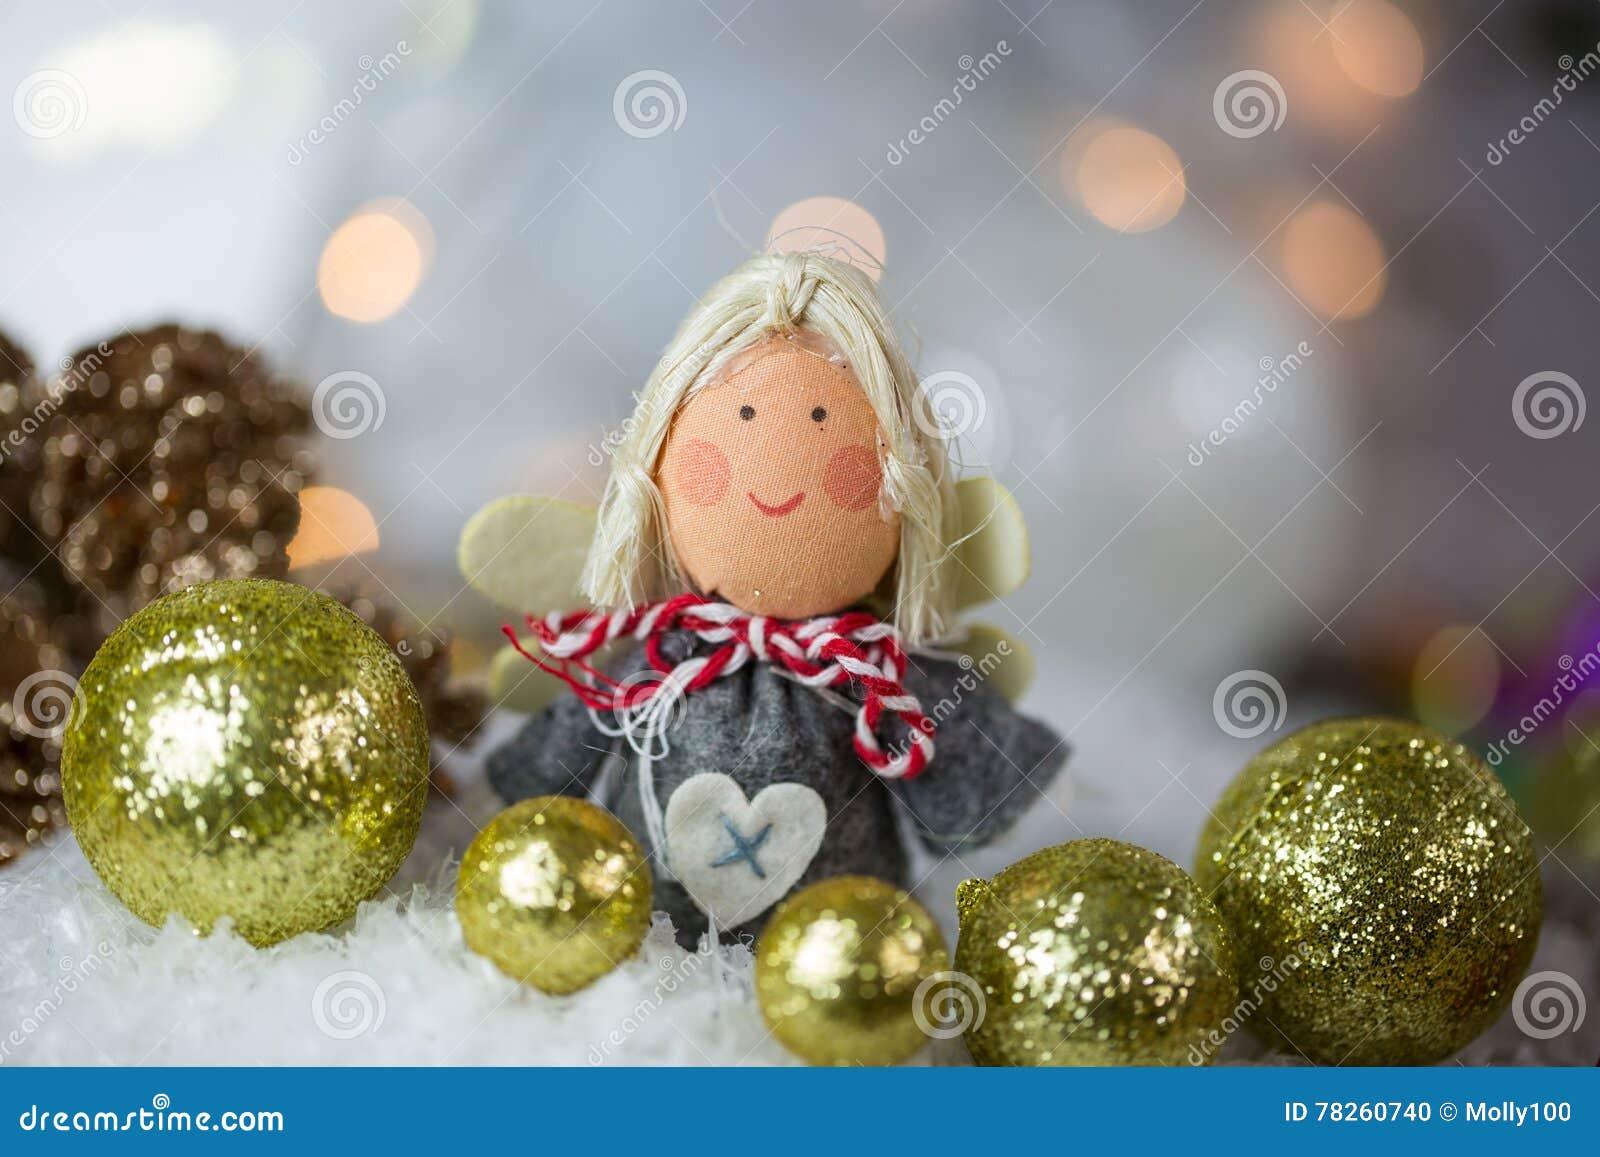 Άγγελος Χριστουγέννων στο χιόνι με τις σφαίρες χριστουγεννιάτικων δέντρων